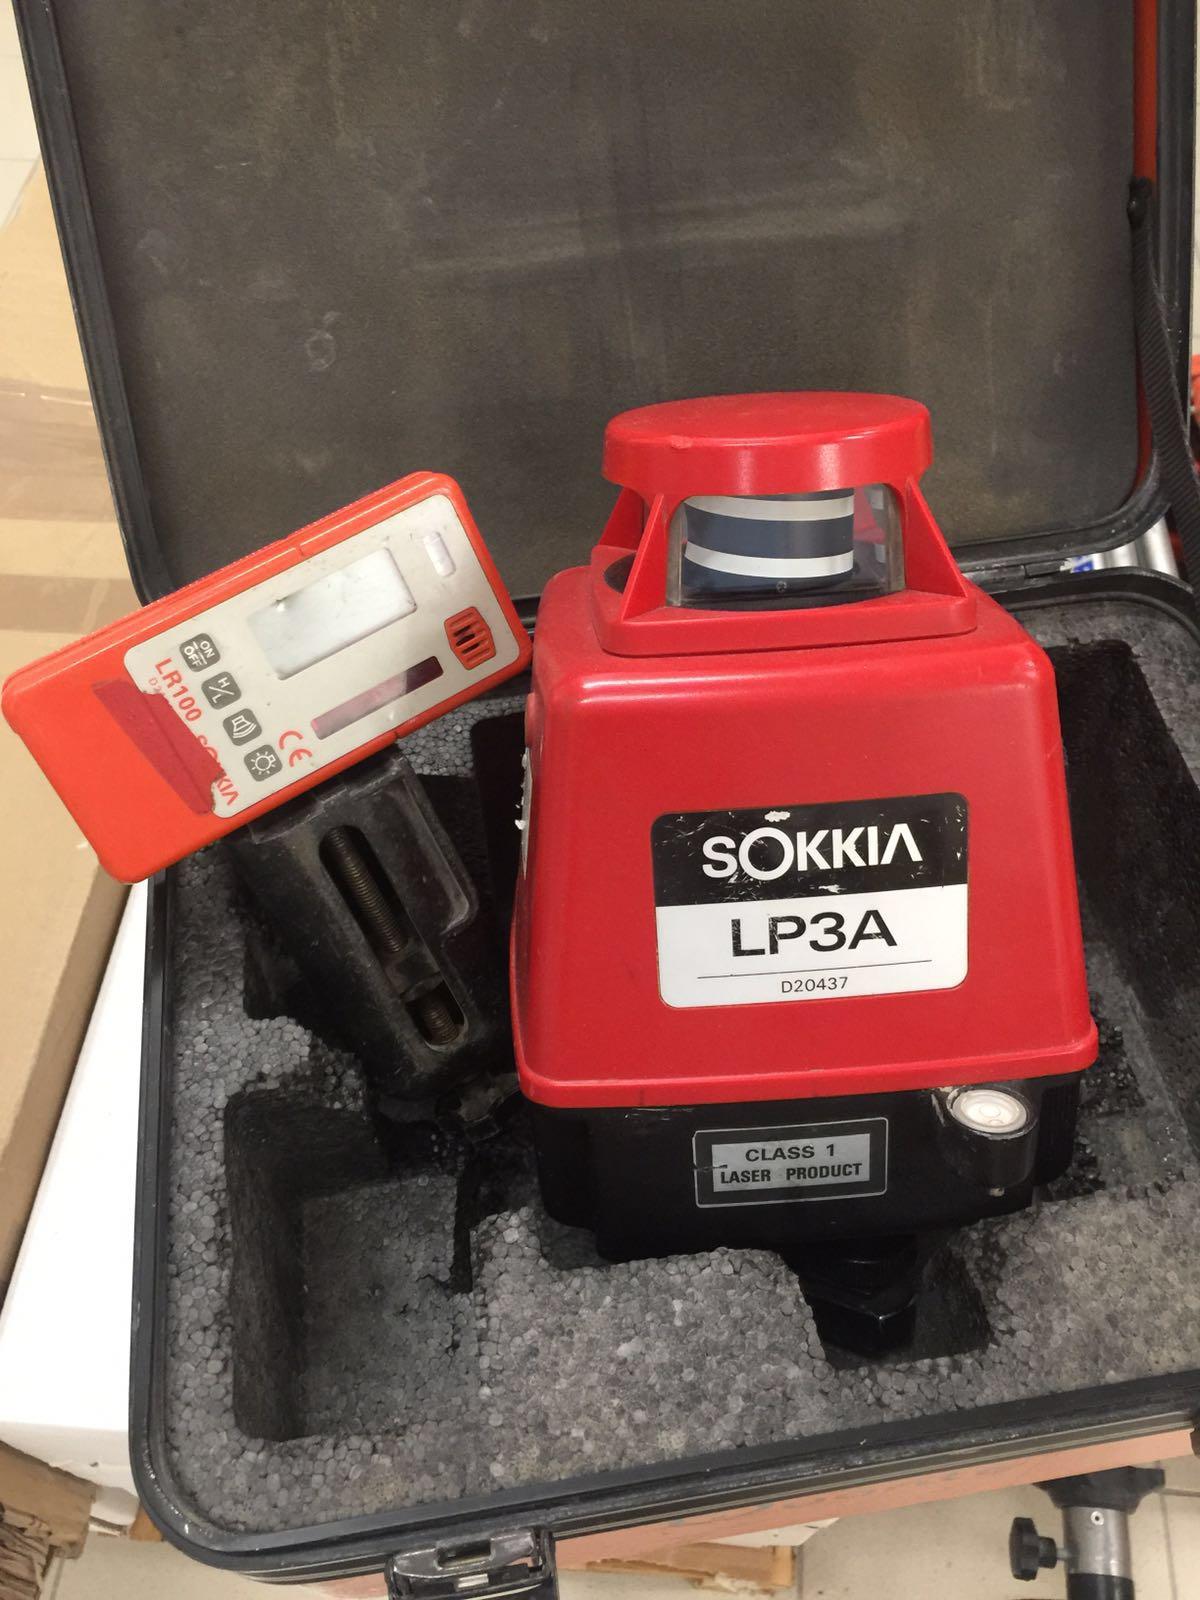 Laser orizzontale sokkia lp3a e a laser - Laser per piastrellisti ...